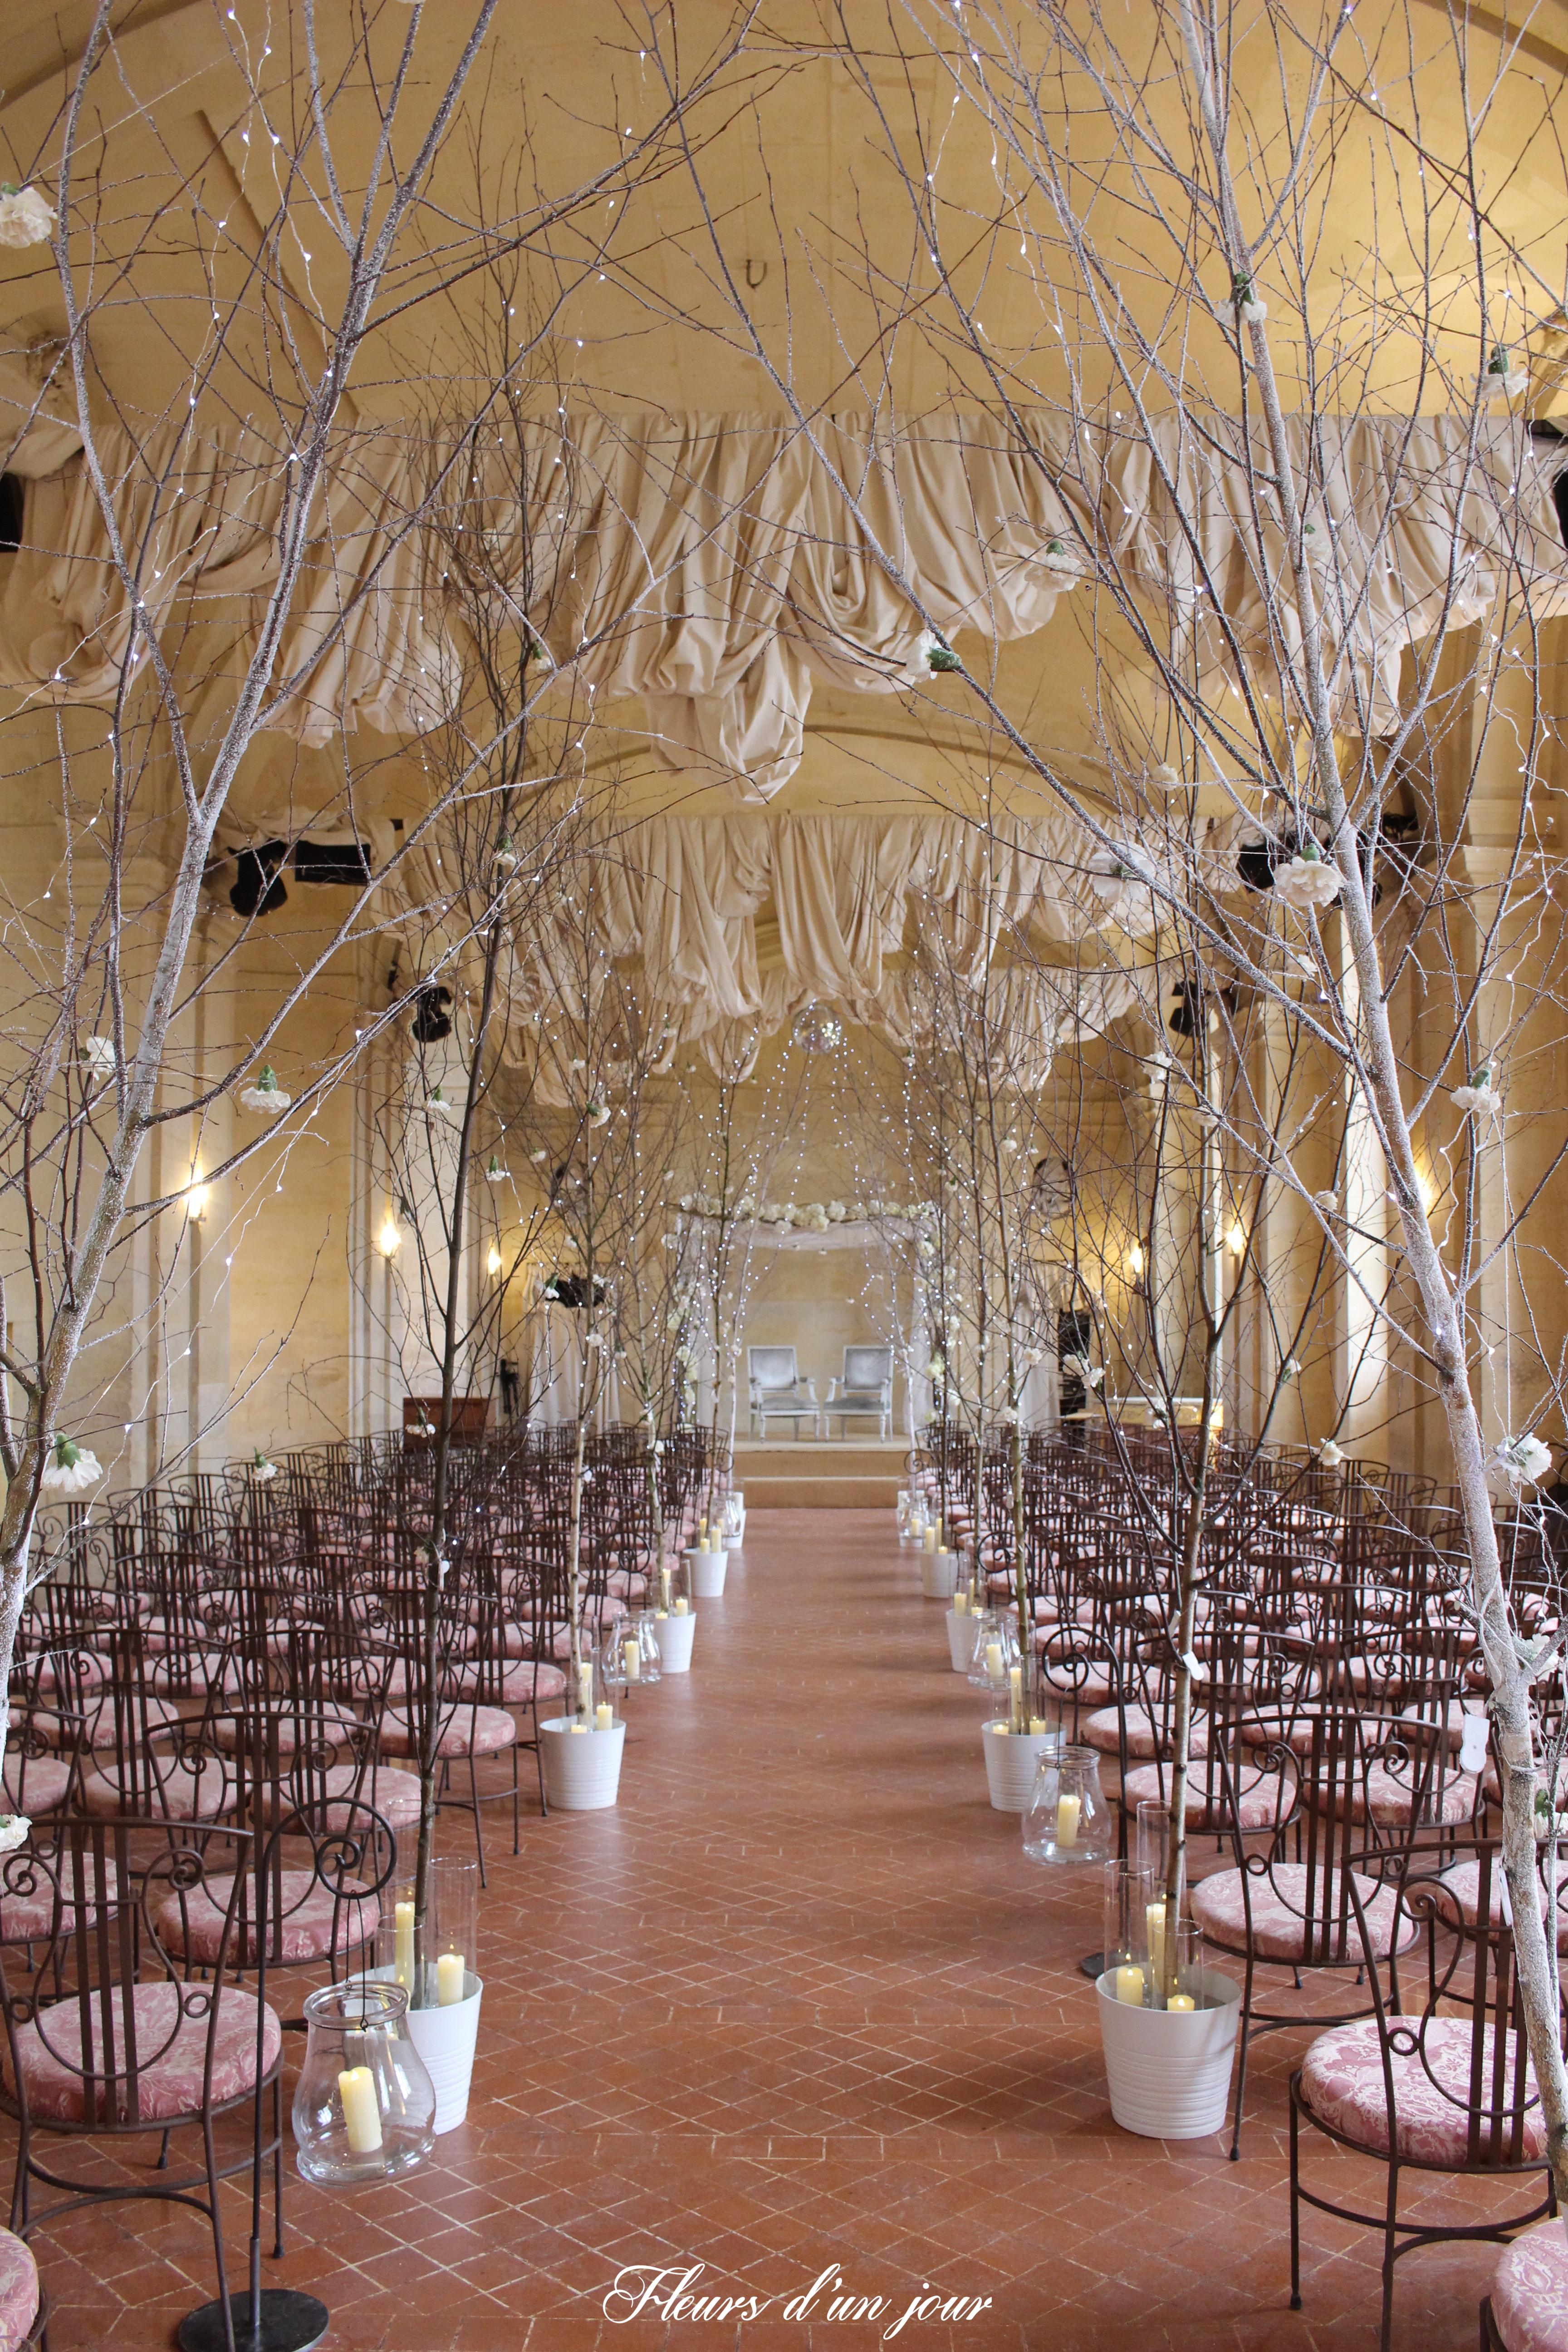 mariage chateau de vallery grande galerie chateau de vallery fleurs d'un jour